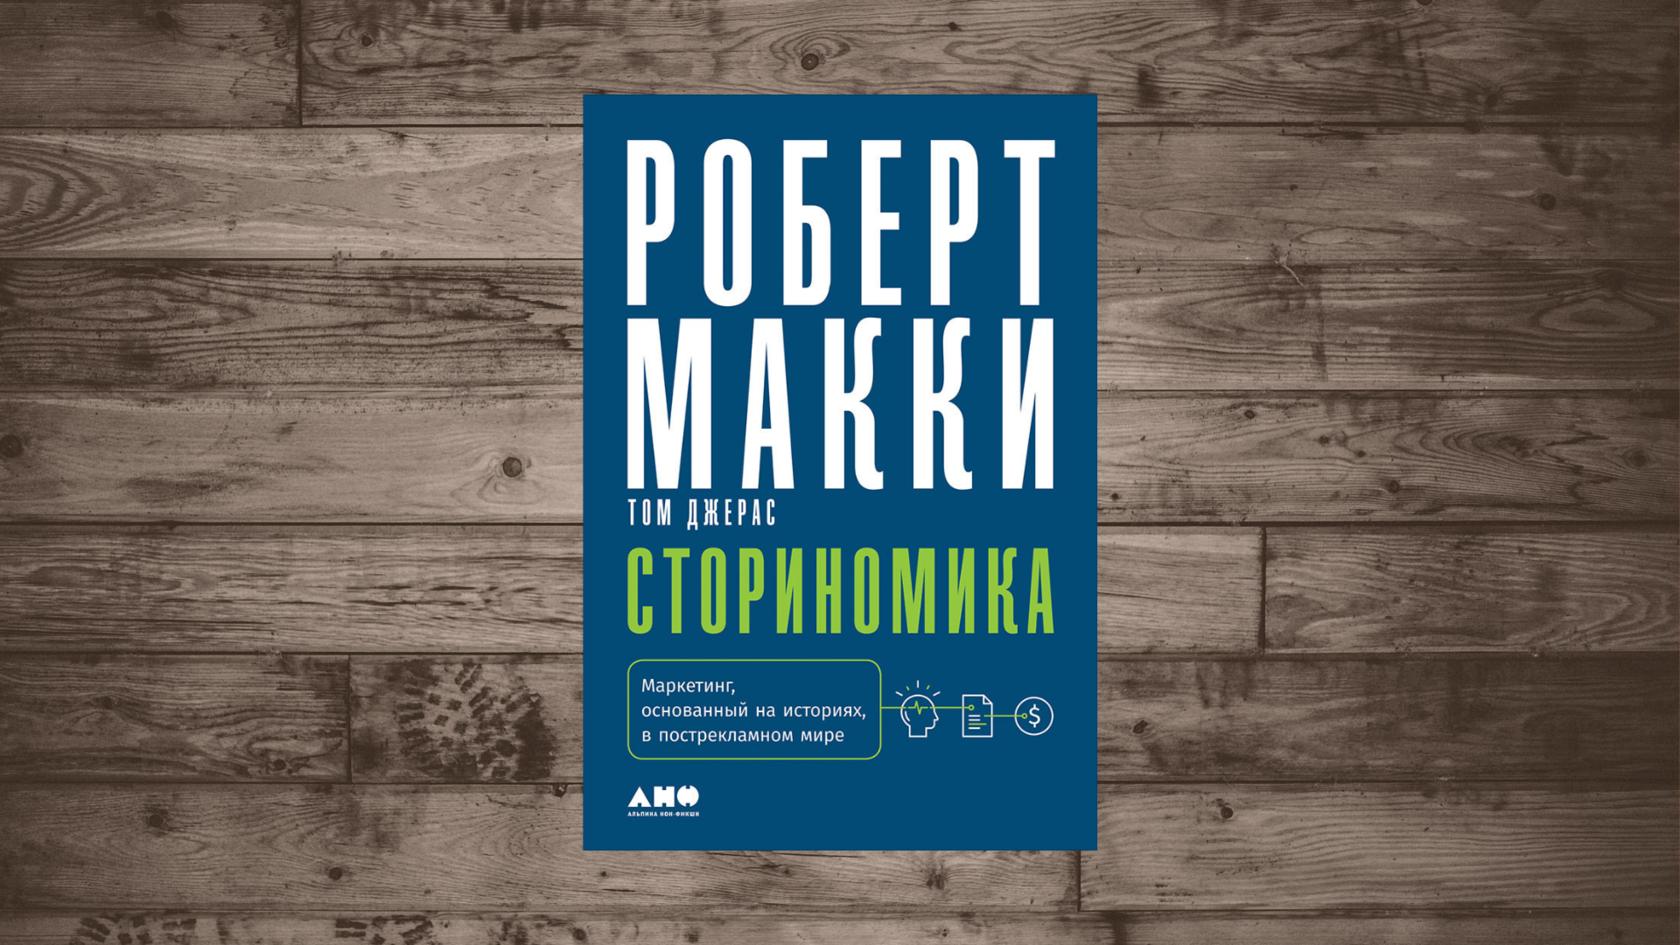 Купить Роберт Макки «Сториномика. Маркетинг, основанный на историях, в пострекламном мире», Альпина Нон-фикшн, 978-5-91671-947-5